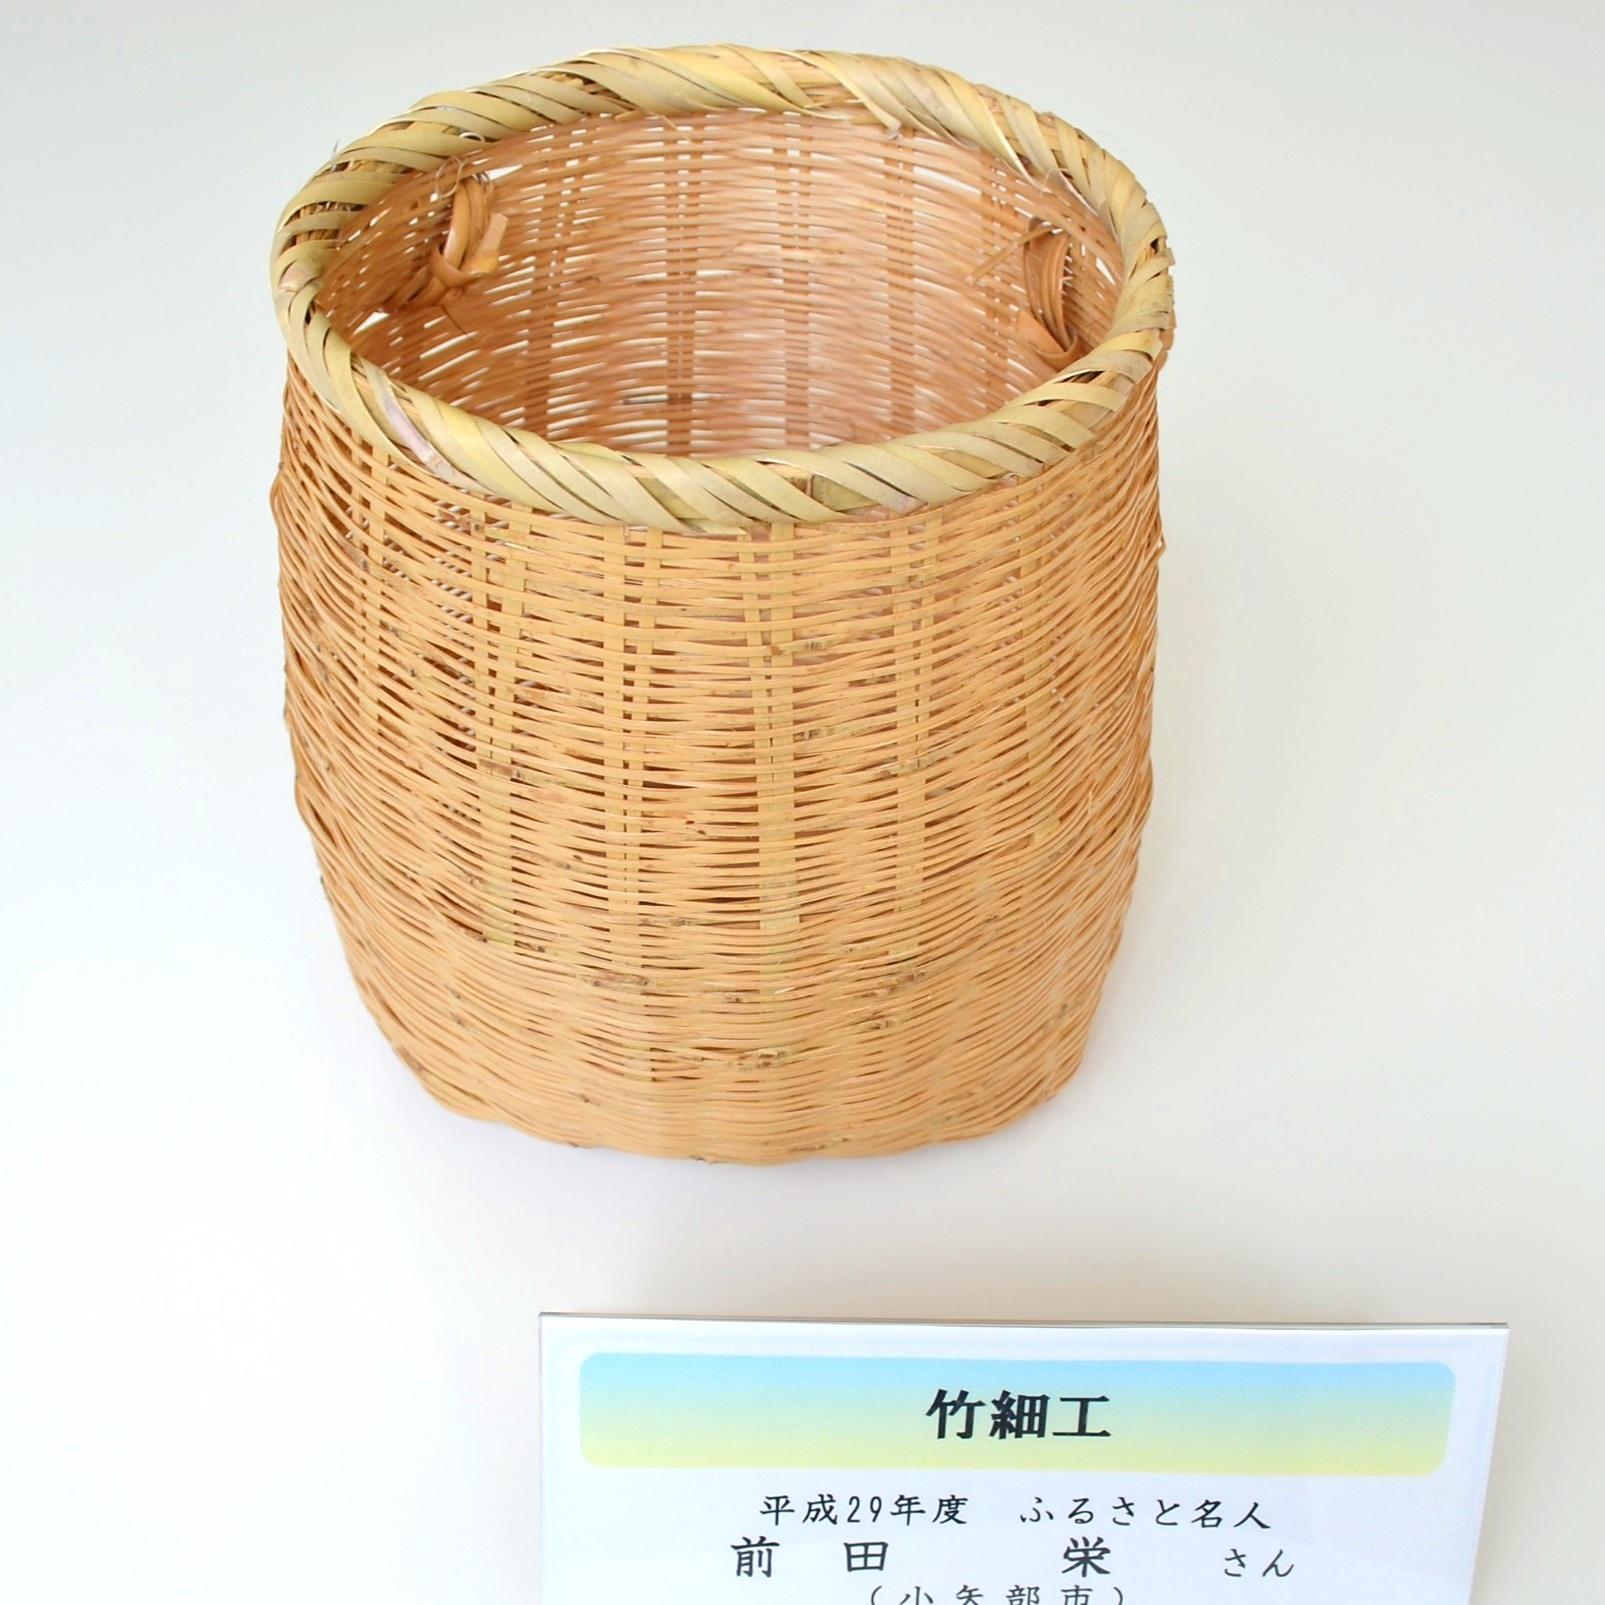 竹細工の写真